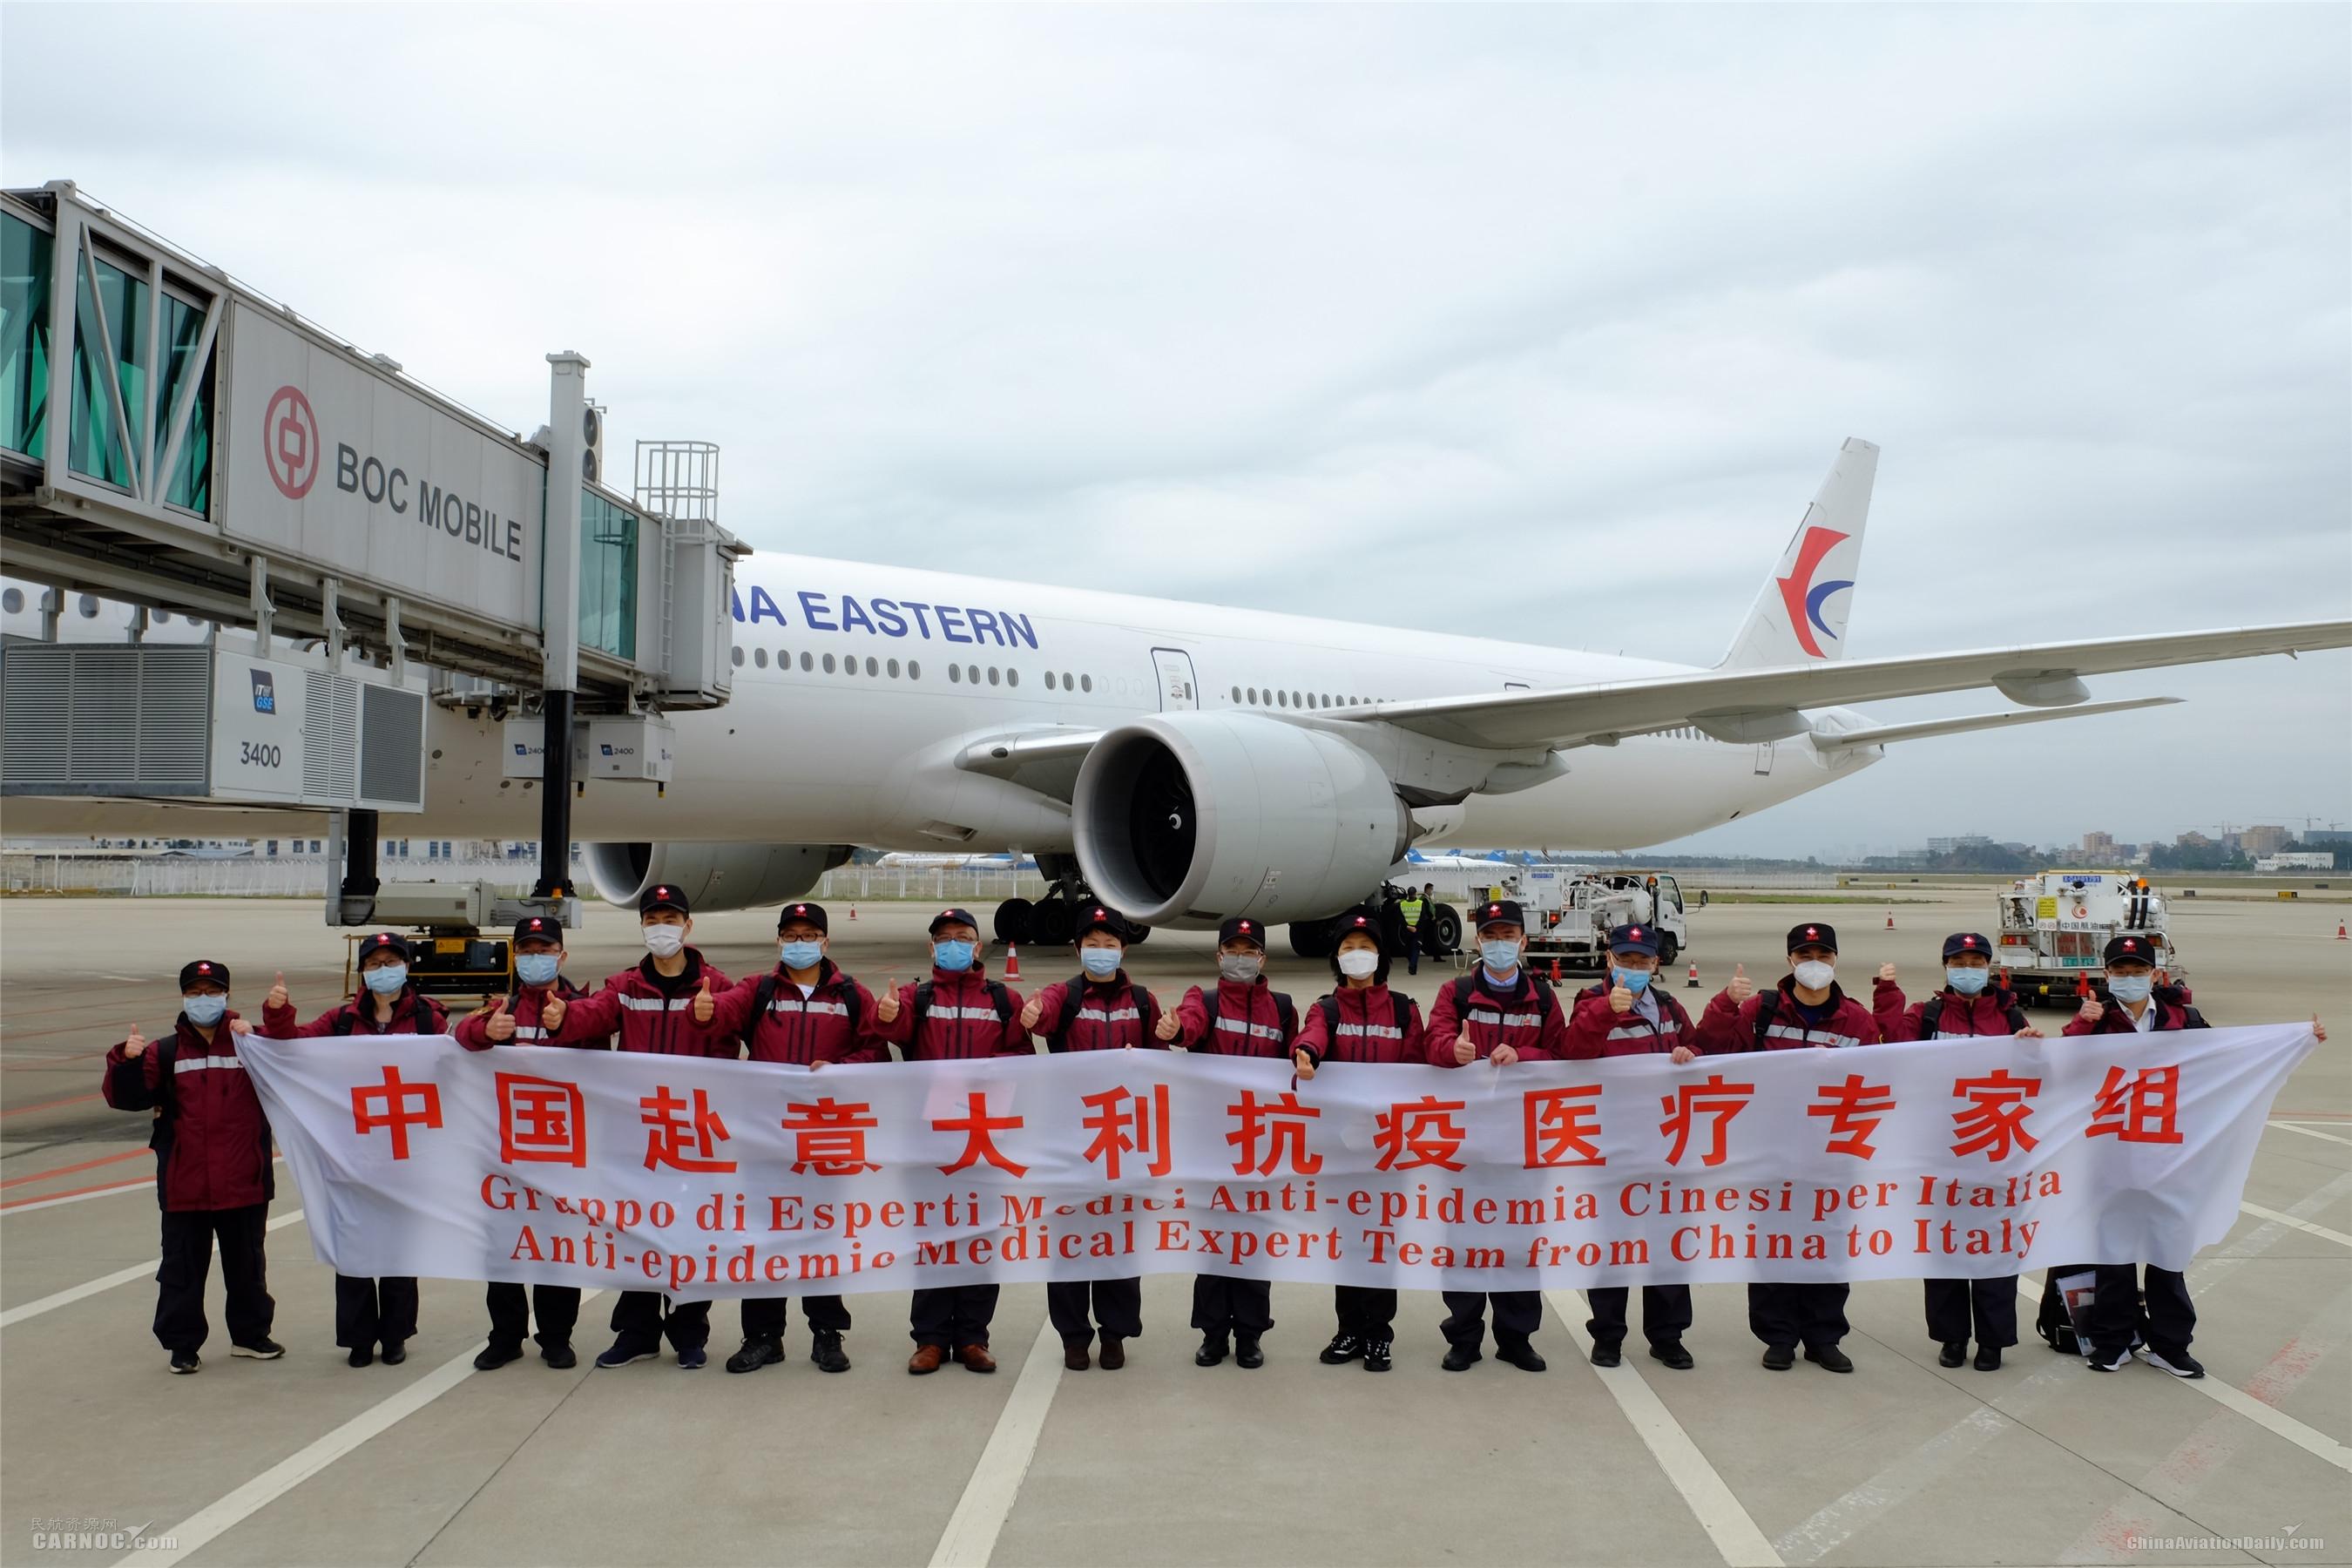 福州直飞米兰 东航包机运送第三批援意医疗专家组和物资